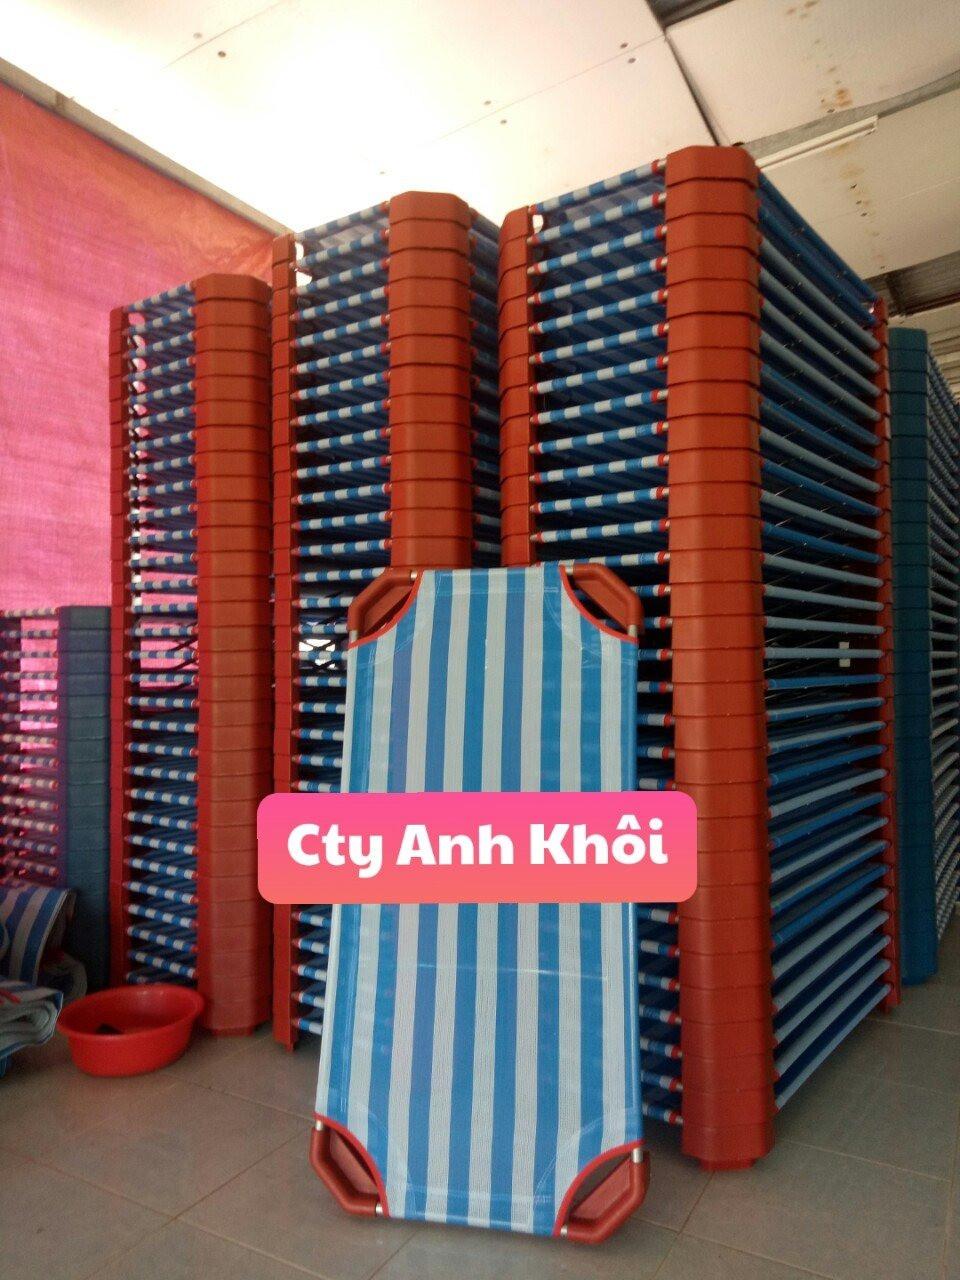 Giường ngủ mầm non mặt vải lưới làm bằng vải lưới nhập ngoại,Khung thép siêu bền .Sản phẩm chuyên dụng cho các trường mầm non giúp bé tránh tiếp xúc trực tiếp với nền gạch, bảo vệ sức khỏe bé. Chuyên dùng cho trẻ,vải lưới thoáng khí, nhanh khô, dễ dàng vệ sinh